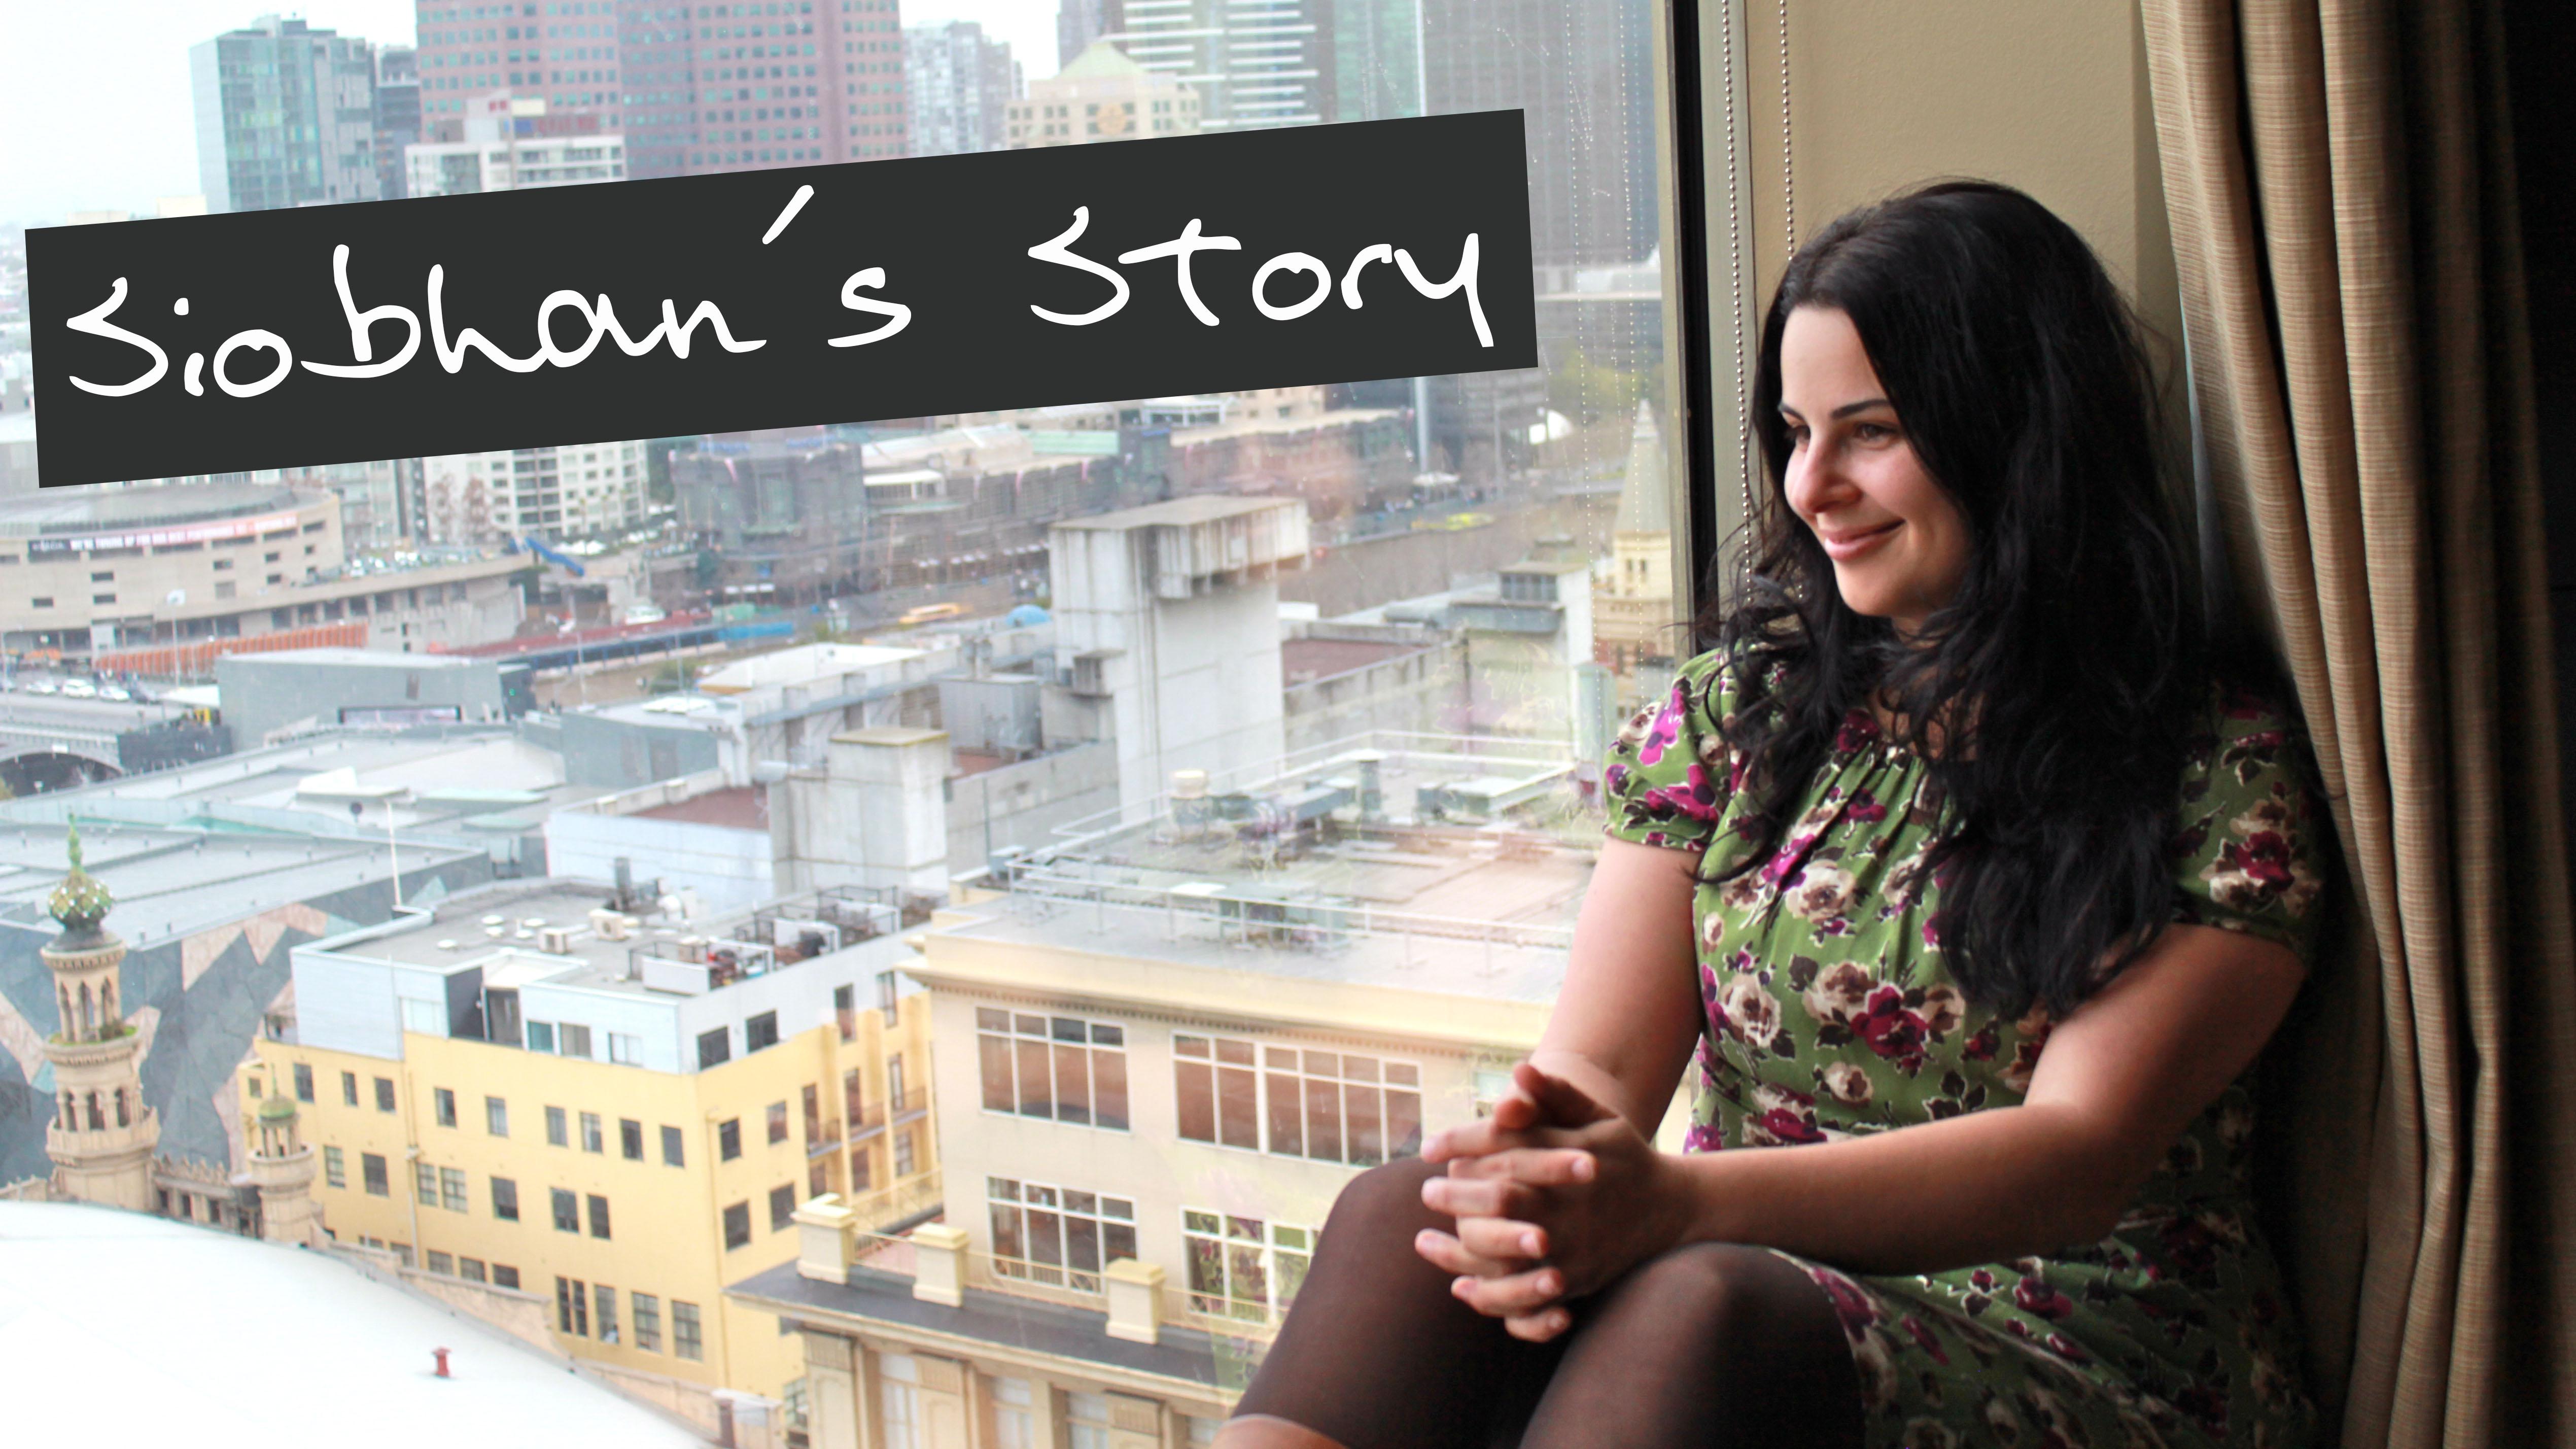 siobhan_story-homepage-image.jpg